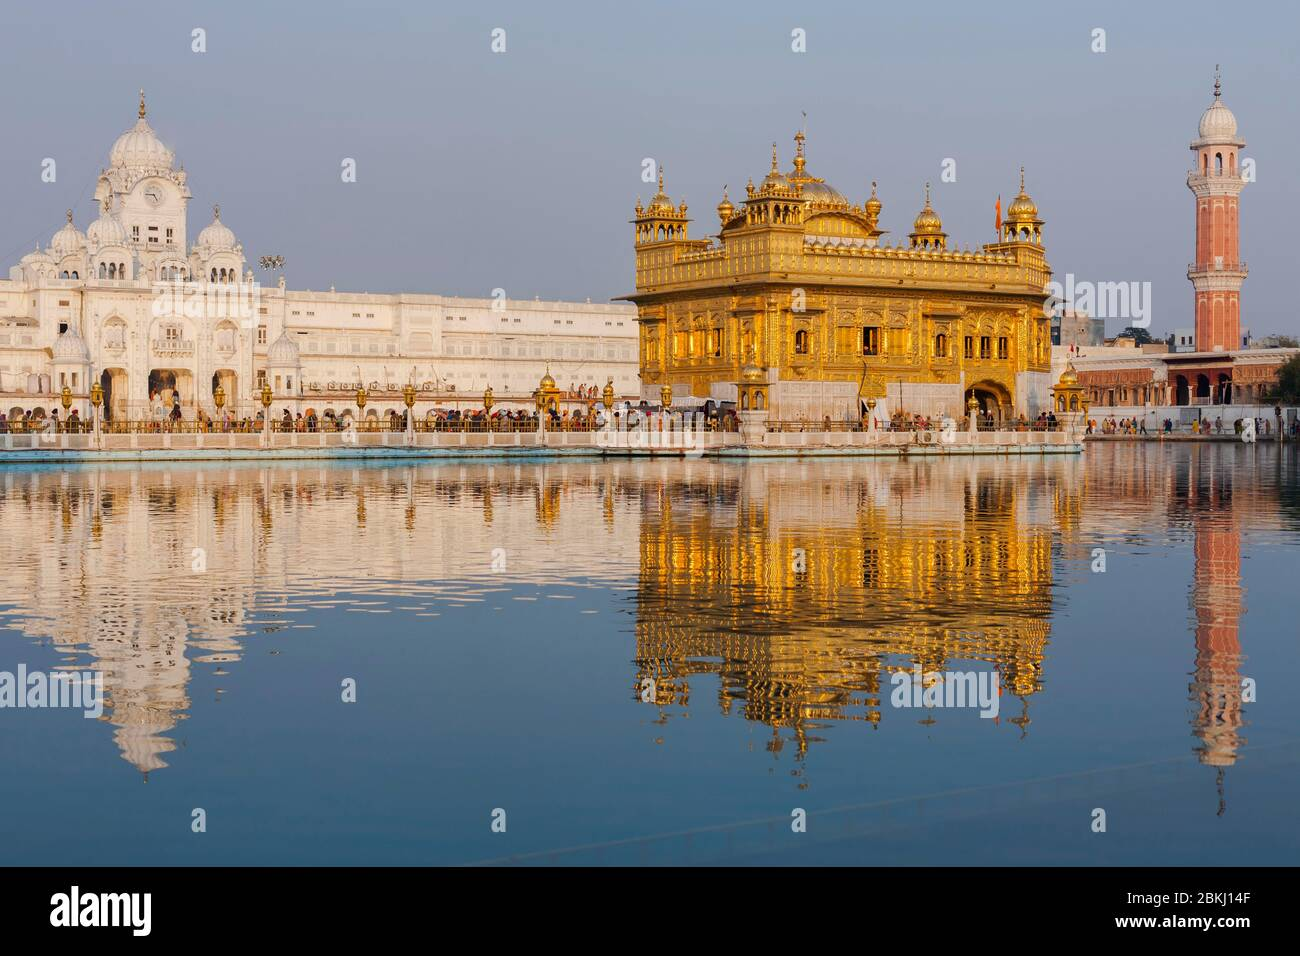 Inde, État du Pendjab, Amritsar, Harmandir Sahib, Temple d'or sous le soleil, avec réflexion dans le bassin du Nectar, Amrit Sarovar, lieu Saint du sikhisme Banque D'Images